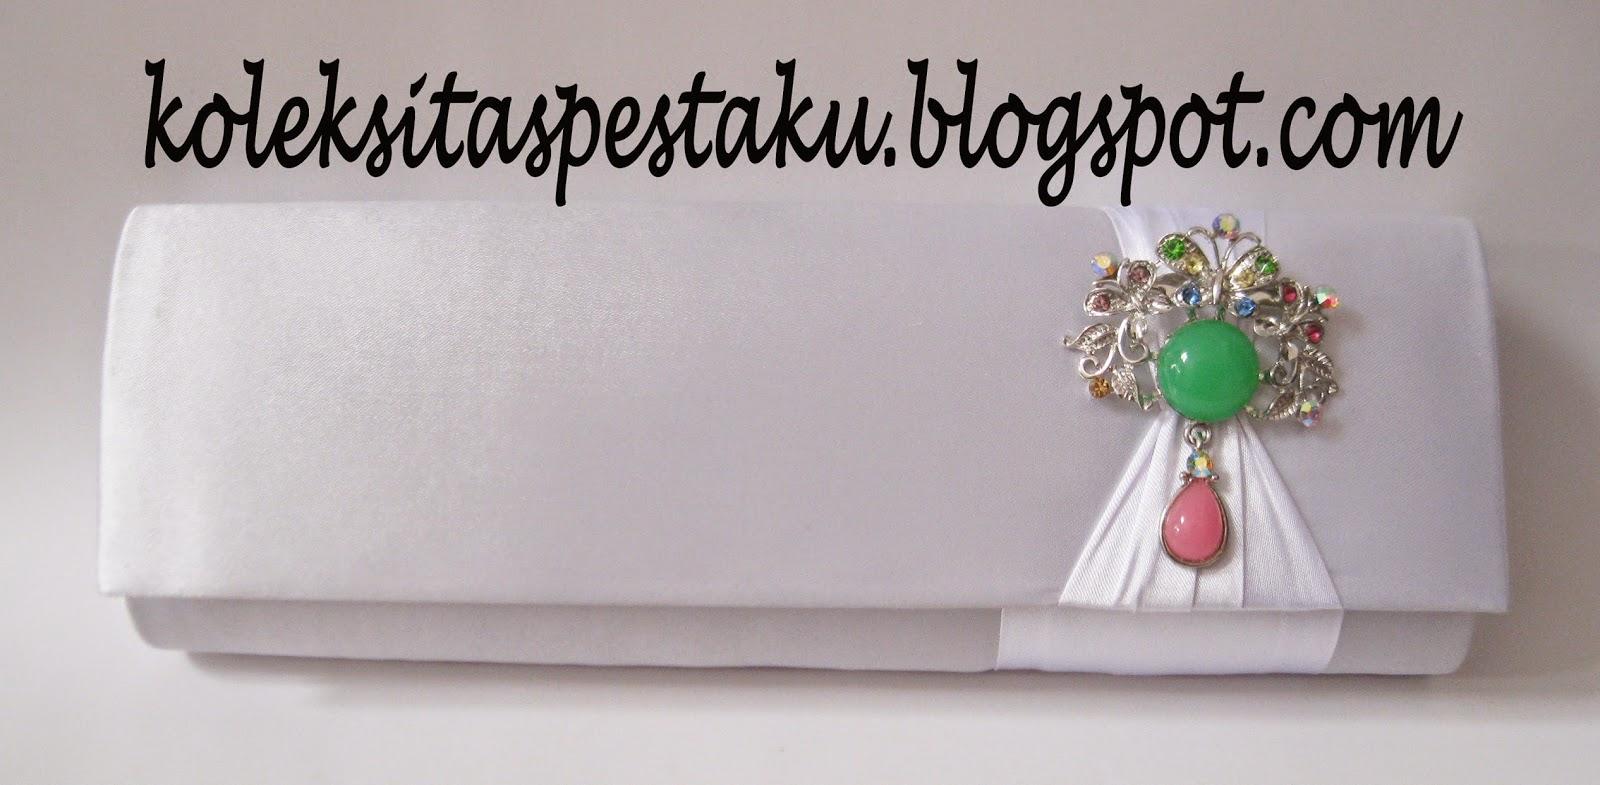 Tas Pesta Putih Bross Cantik Harga Terjangkau Murah